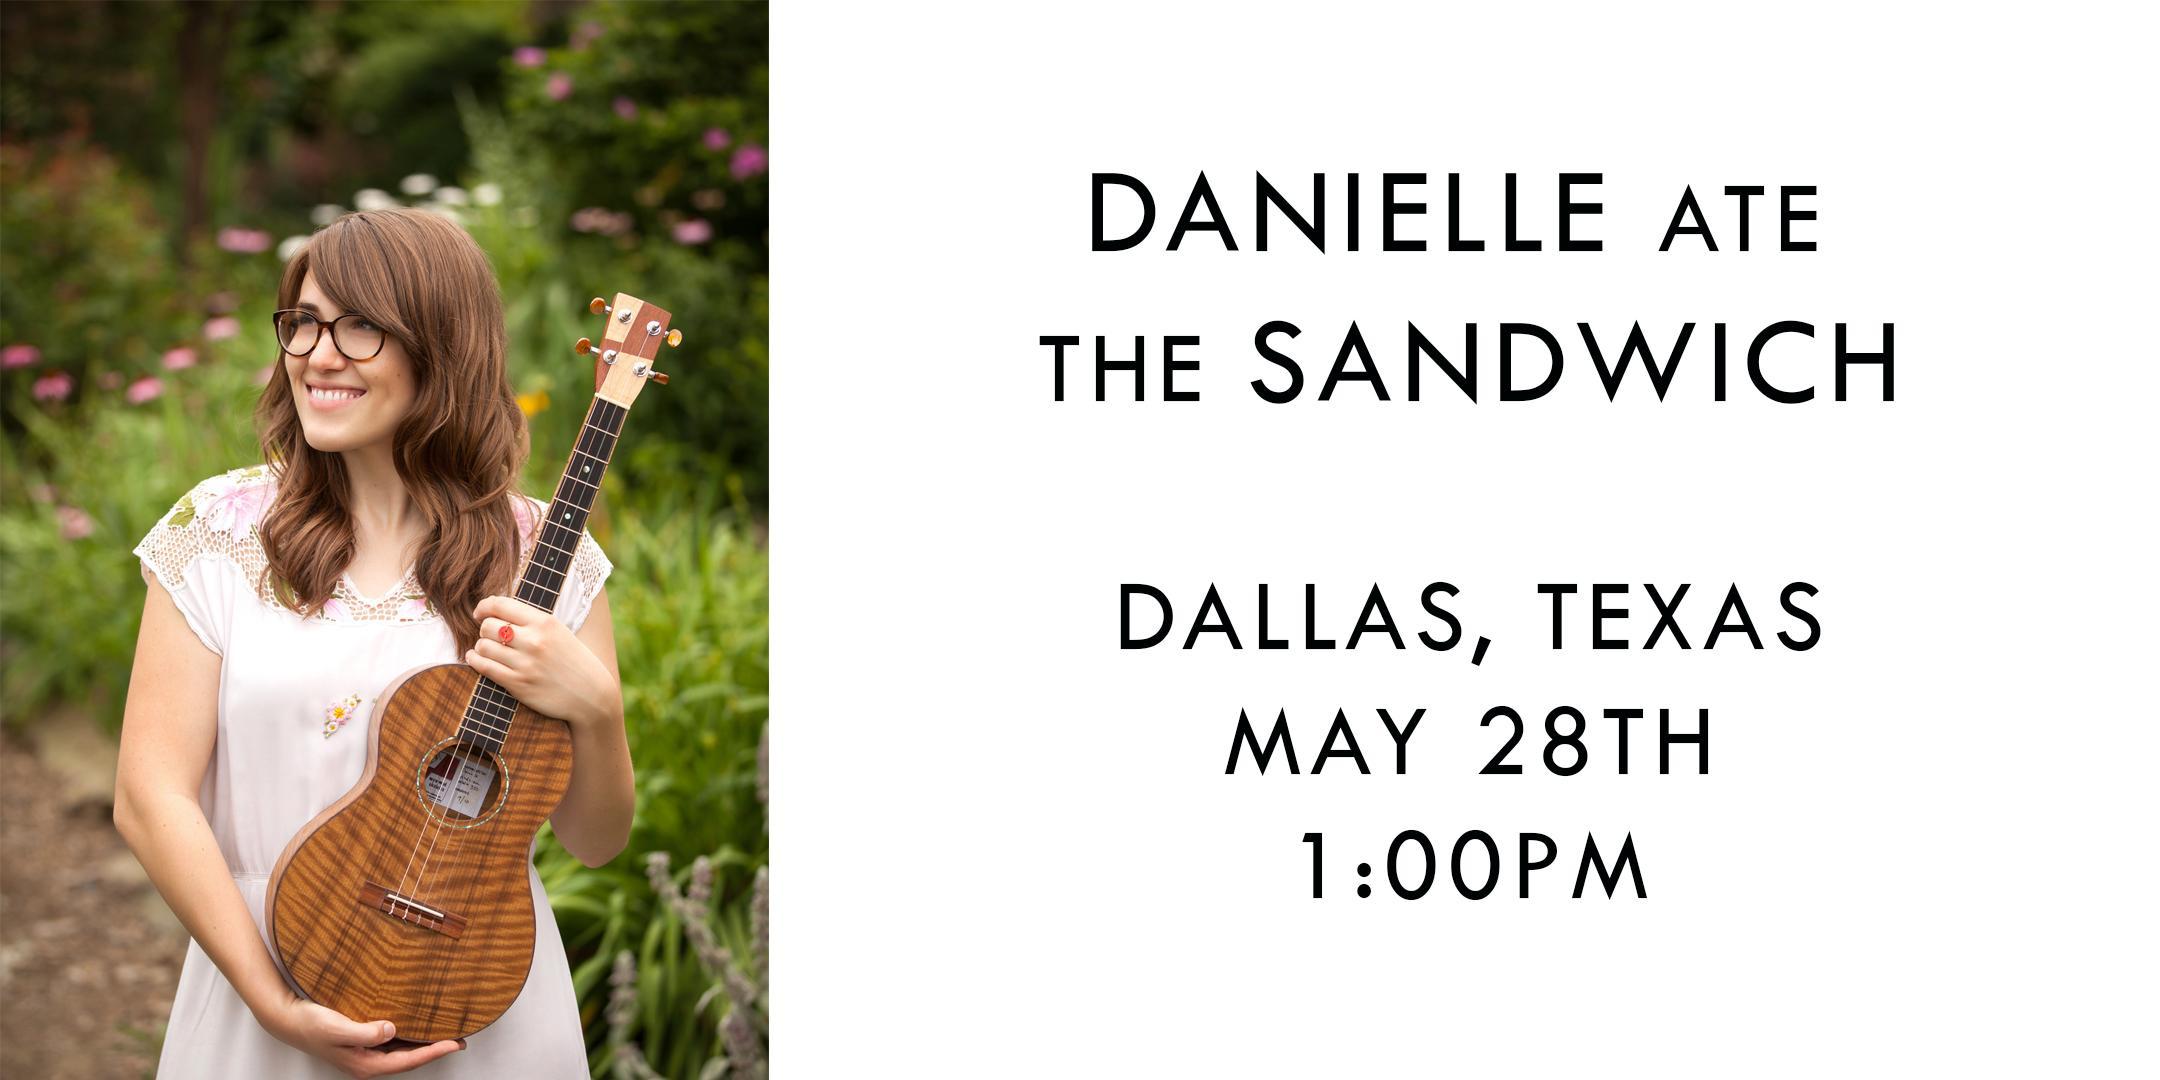 Danielle Ate the Sandwich in Dallas, TX